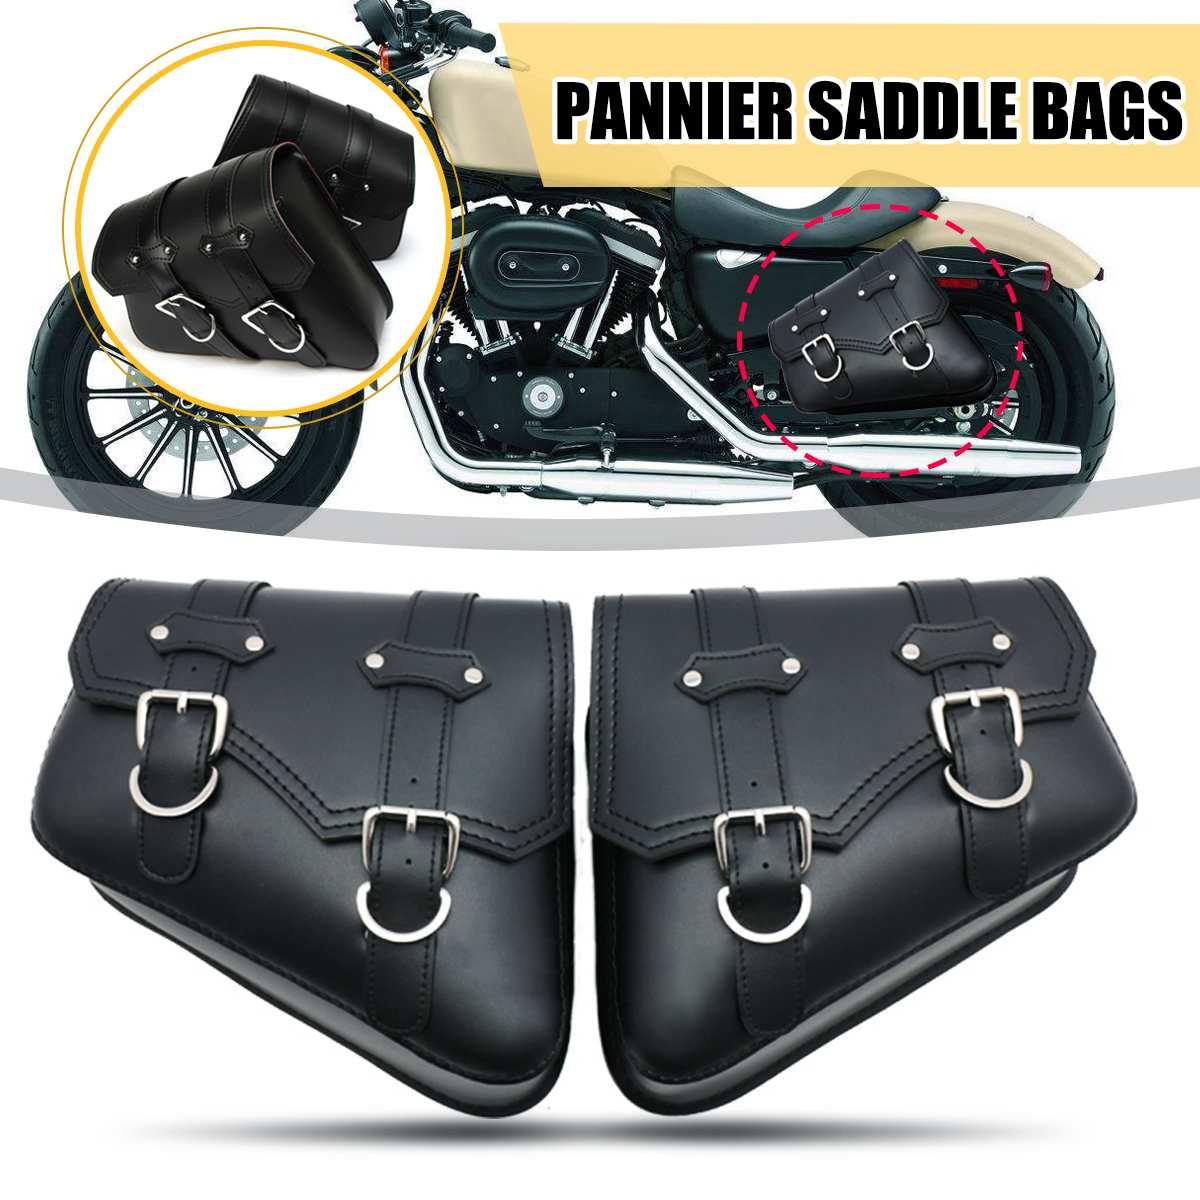 1 par de bolsas de sillín negras para motocicleta tirar debajo del asiento bolsa de herramientas laterales para Harley Davidson Cruiser moto